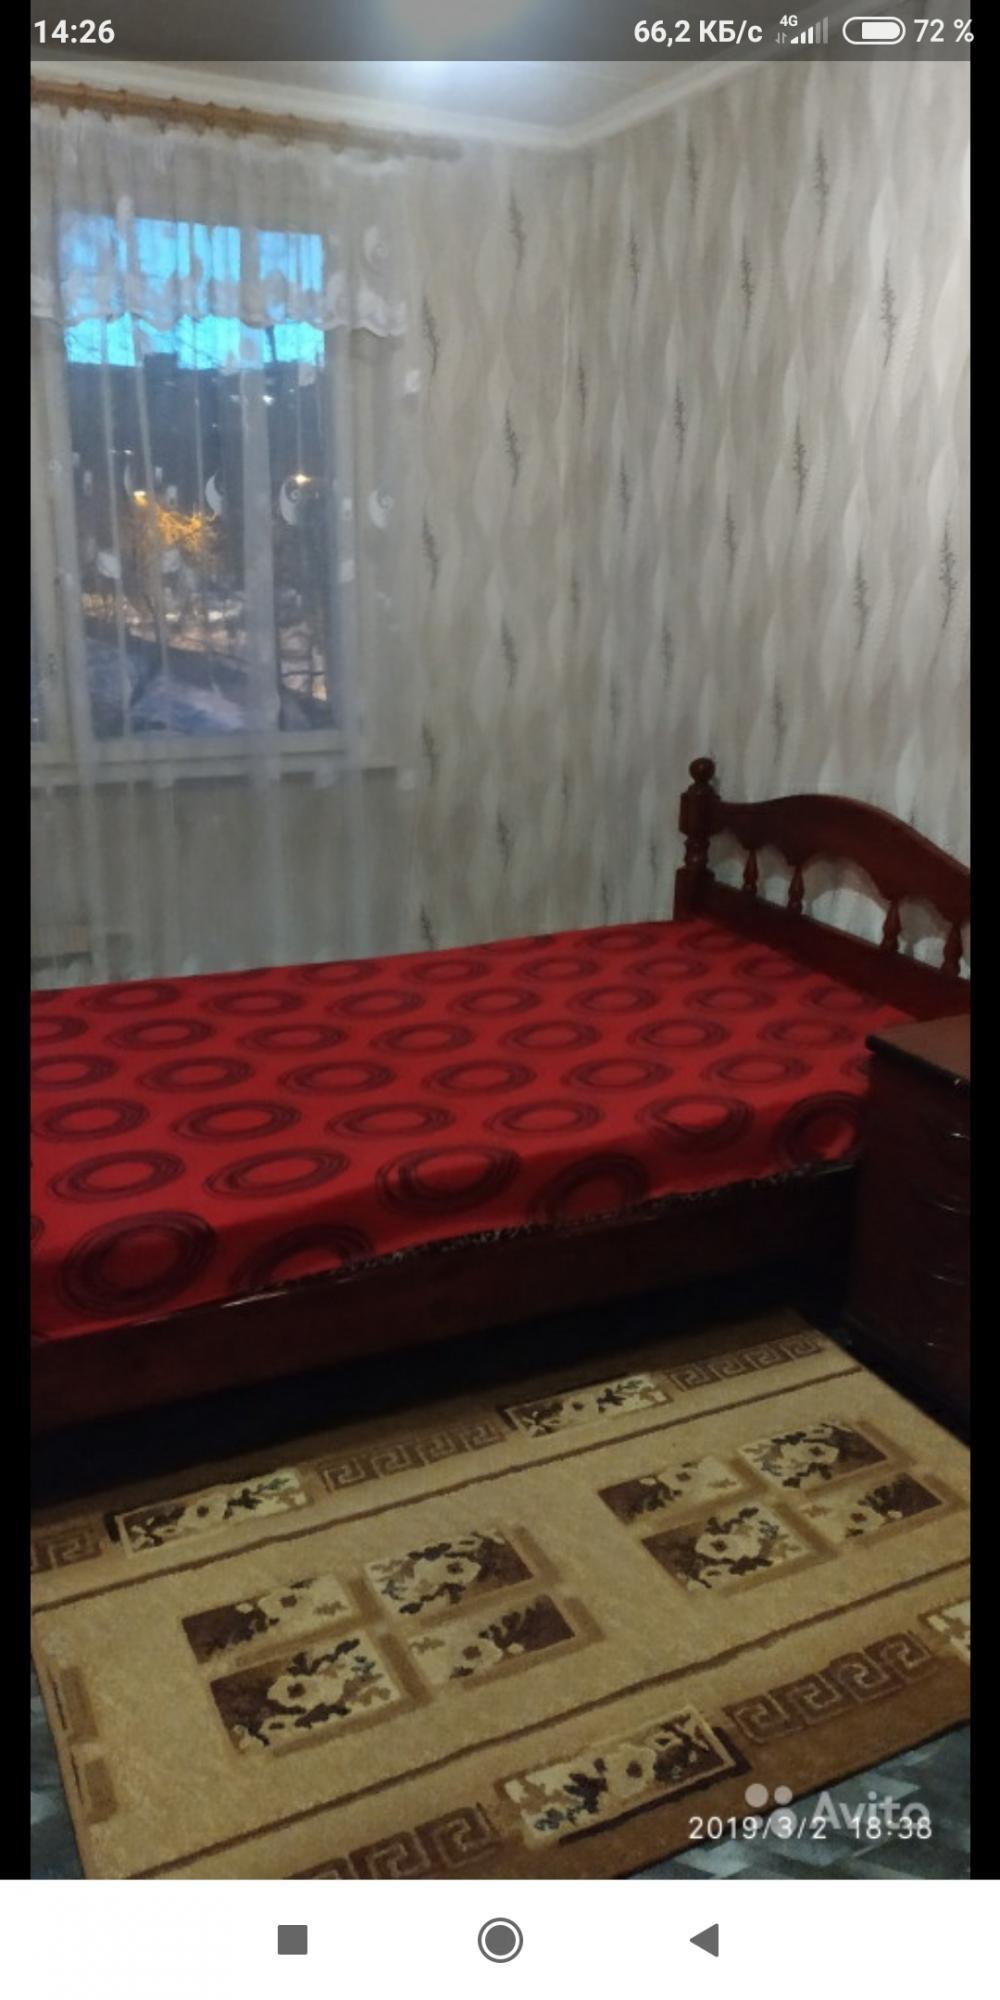 Квартира, 2 комнаты, 47 м² в Москве 89264336840 купить 3